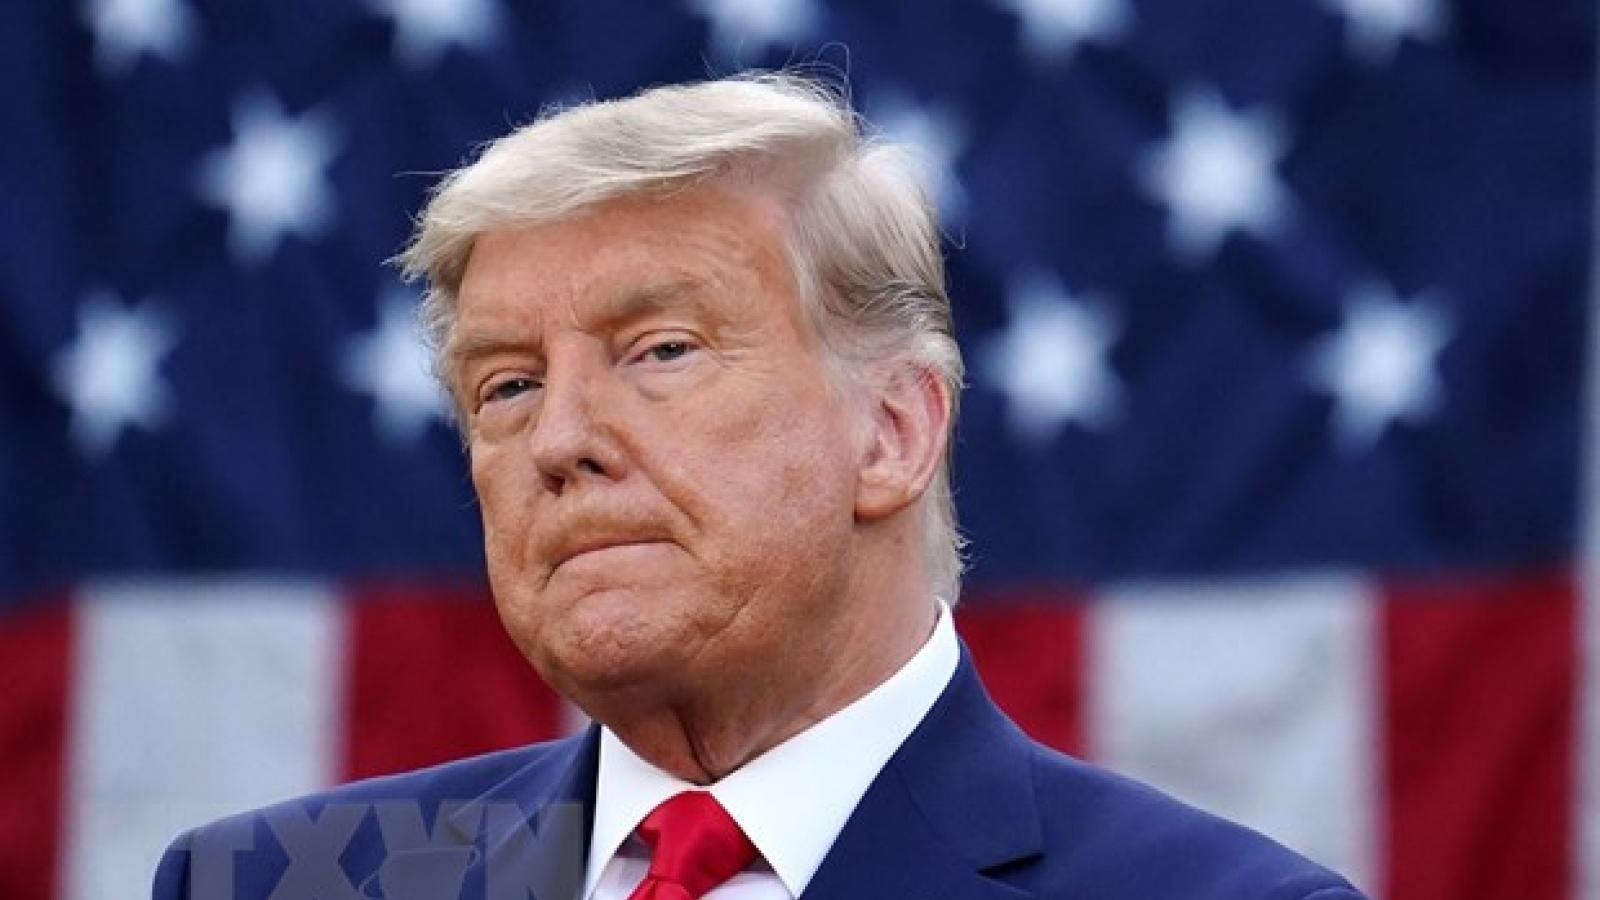 Cựu Tổng thống Mỹ Donald Trump lần đầu phát biểu chính thức kể từ khi mãn nhiệm